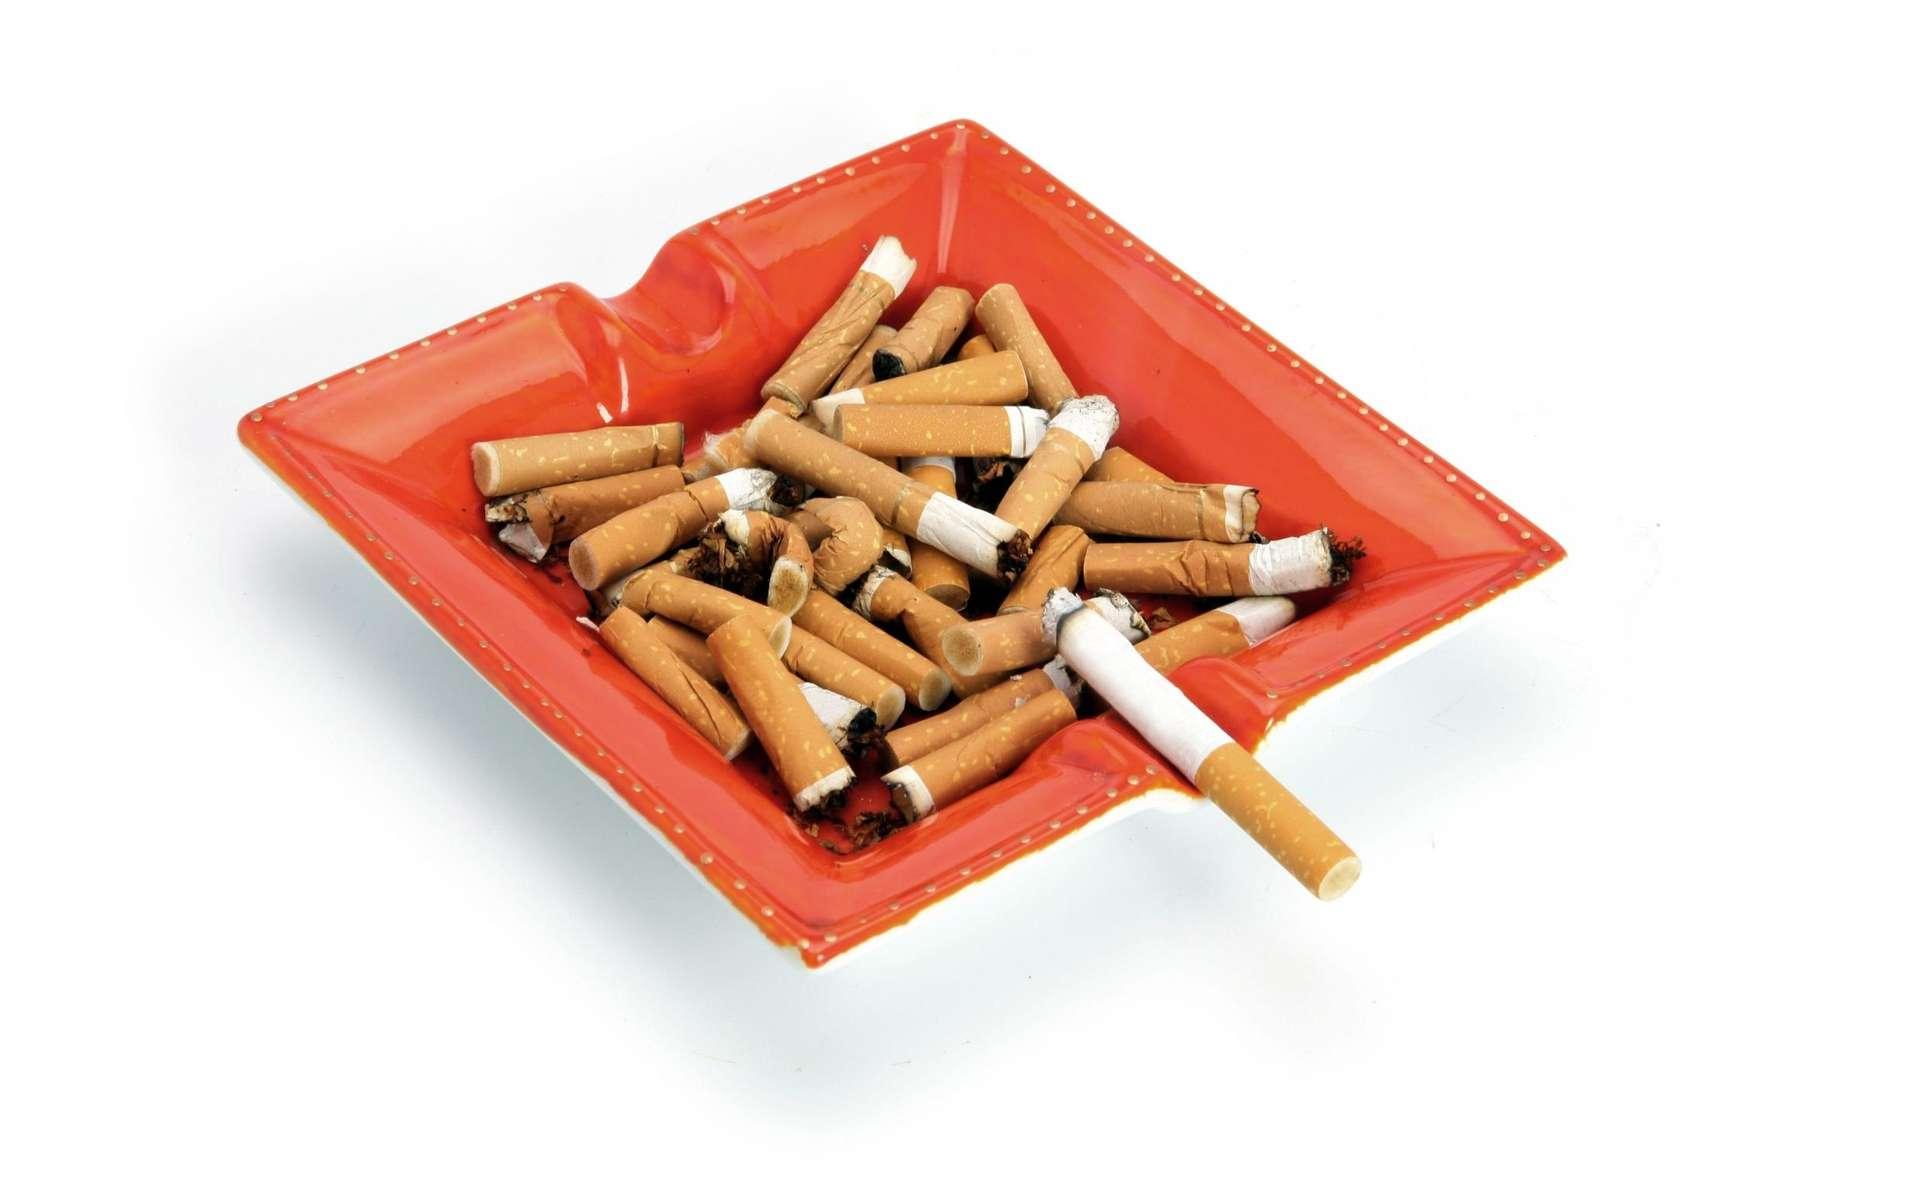 Le tabac déclenche le stress mais ne l'apaise pas, au contraire ! © Phovoir